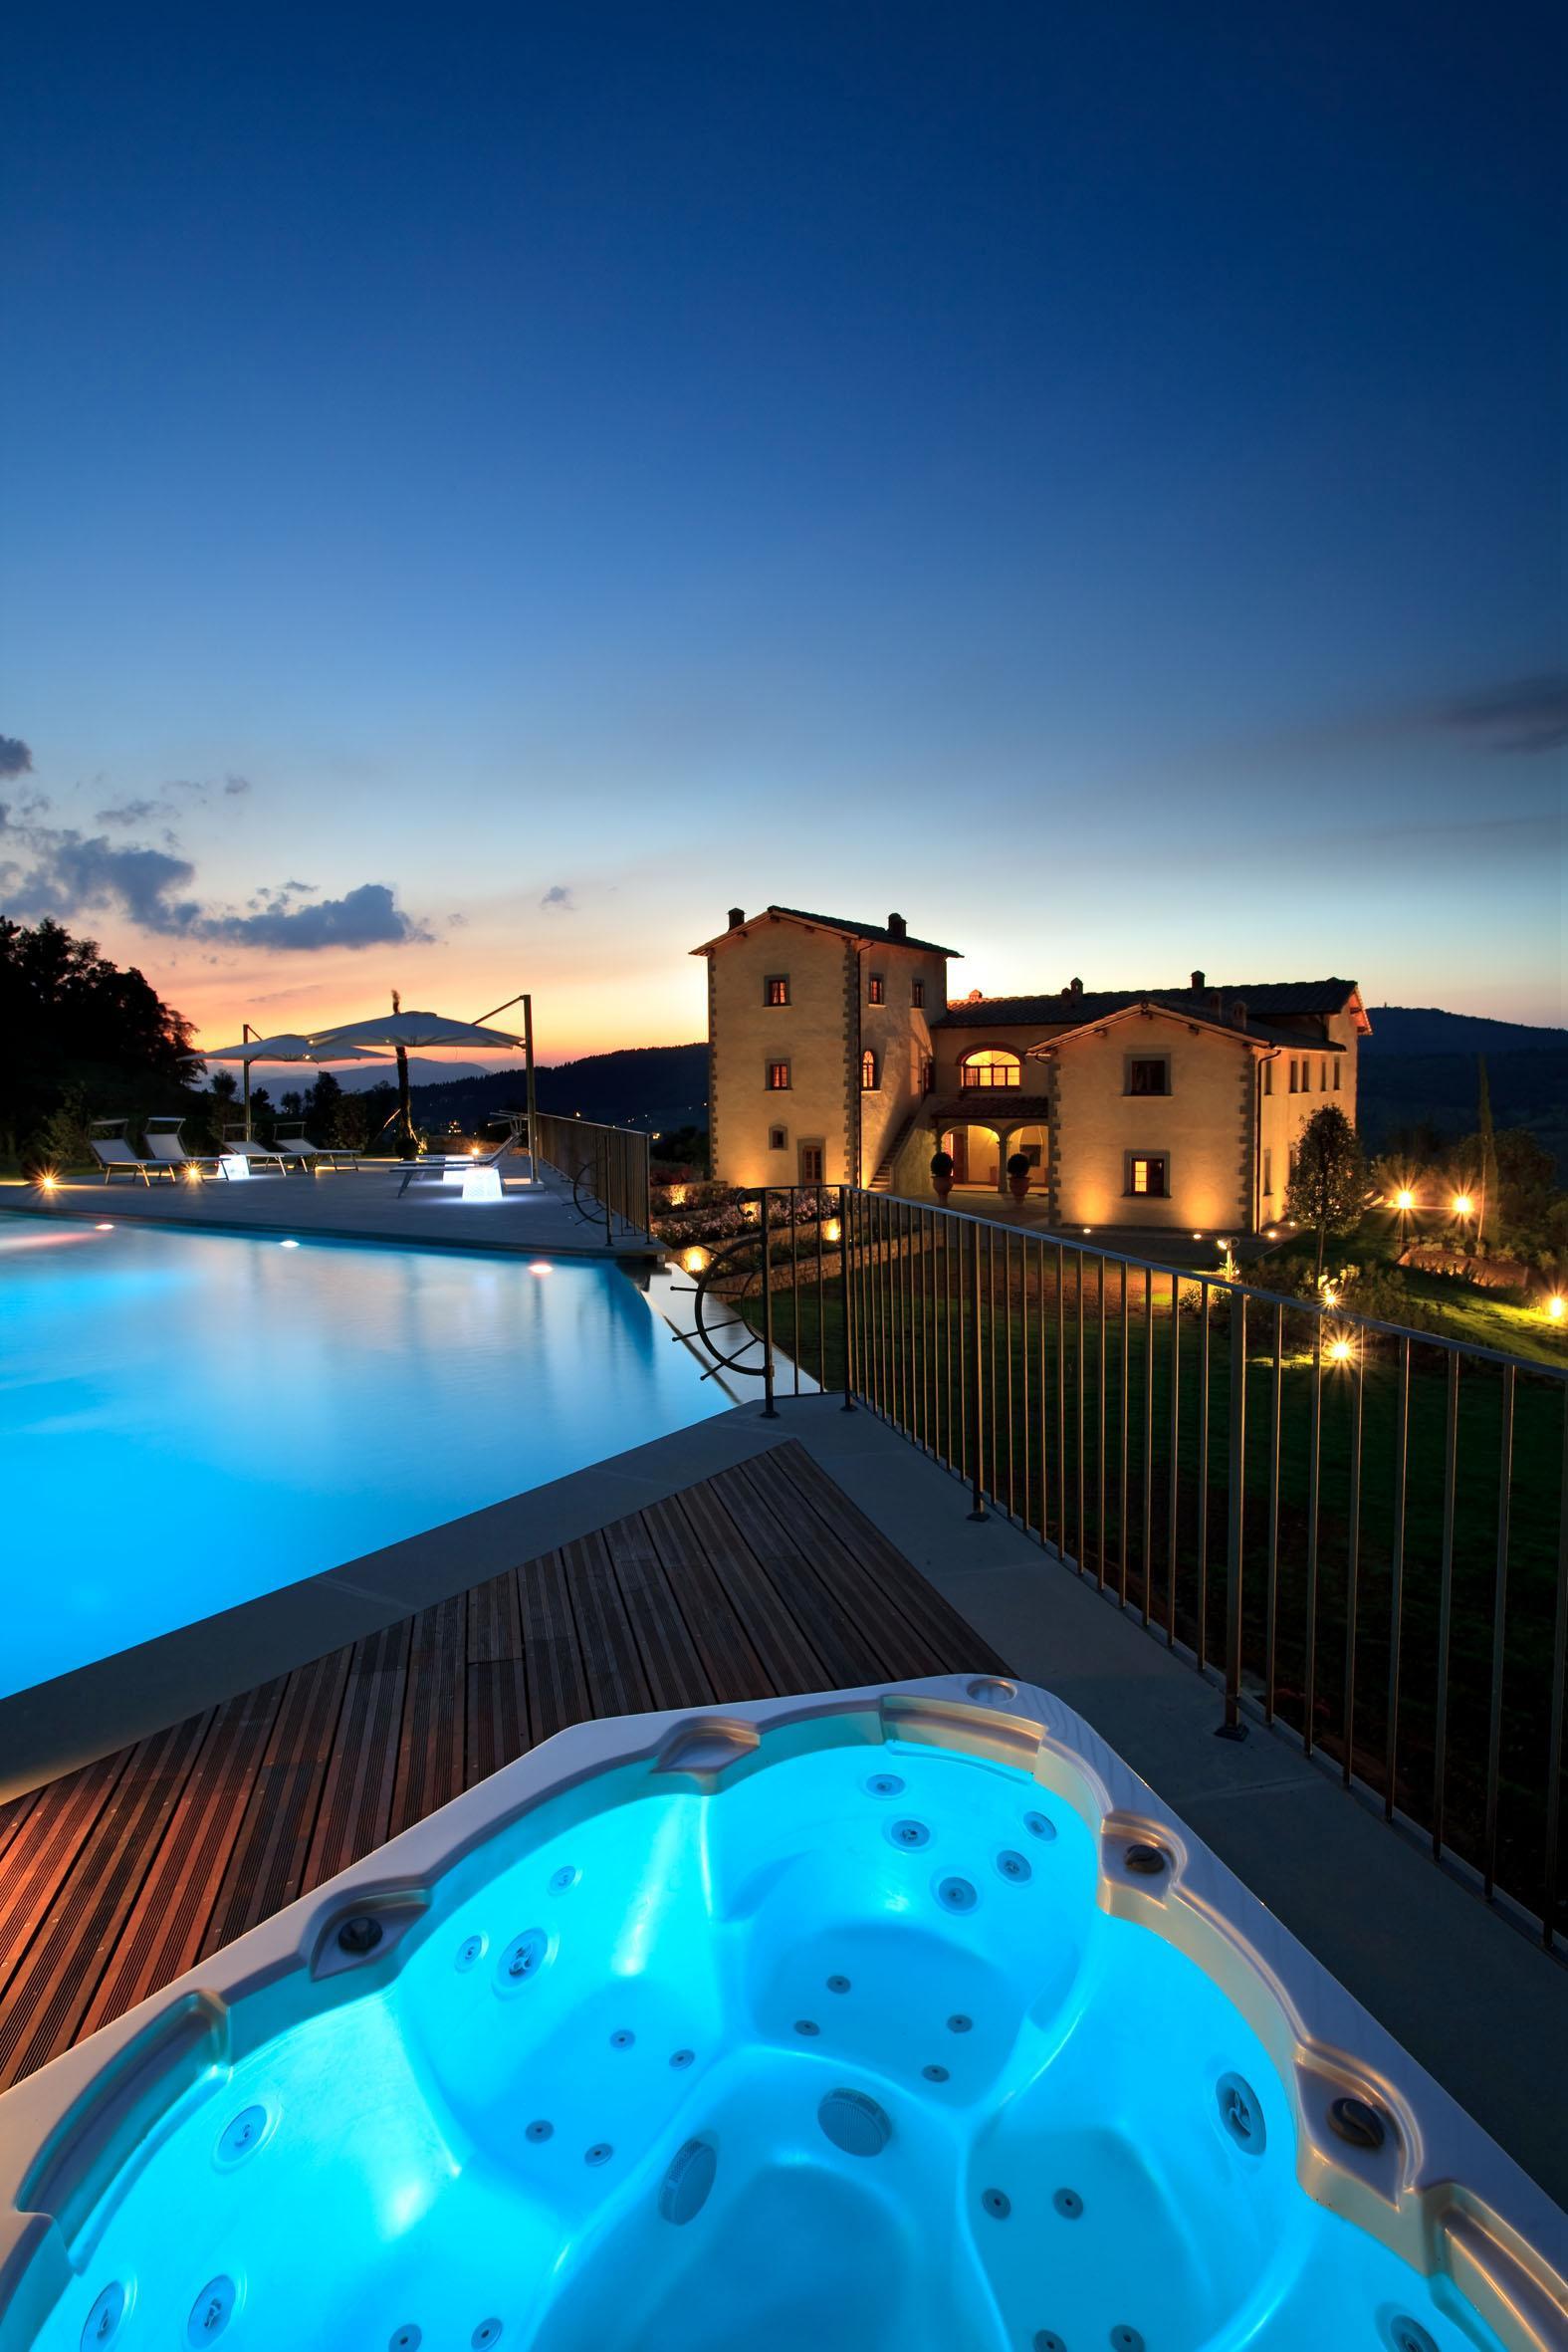 Li Zuti Country Resort